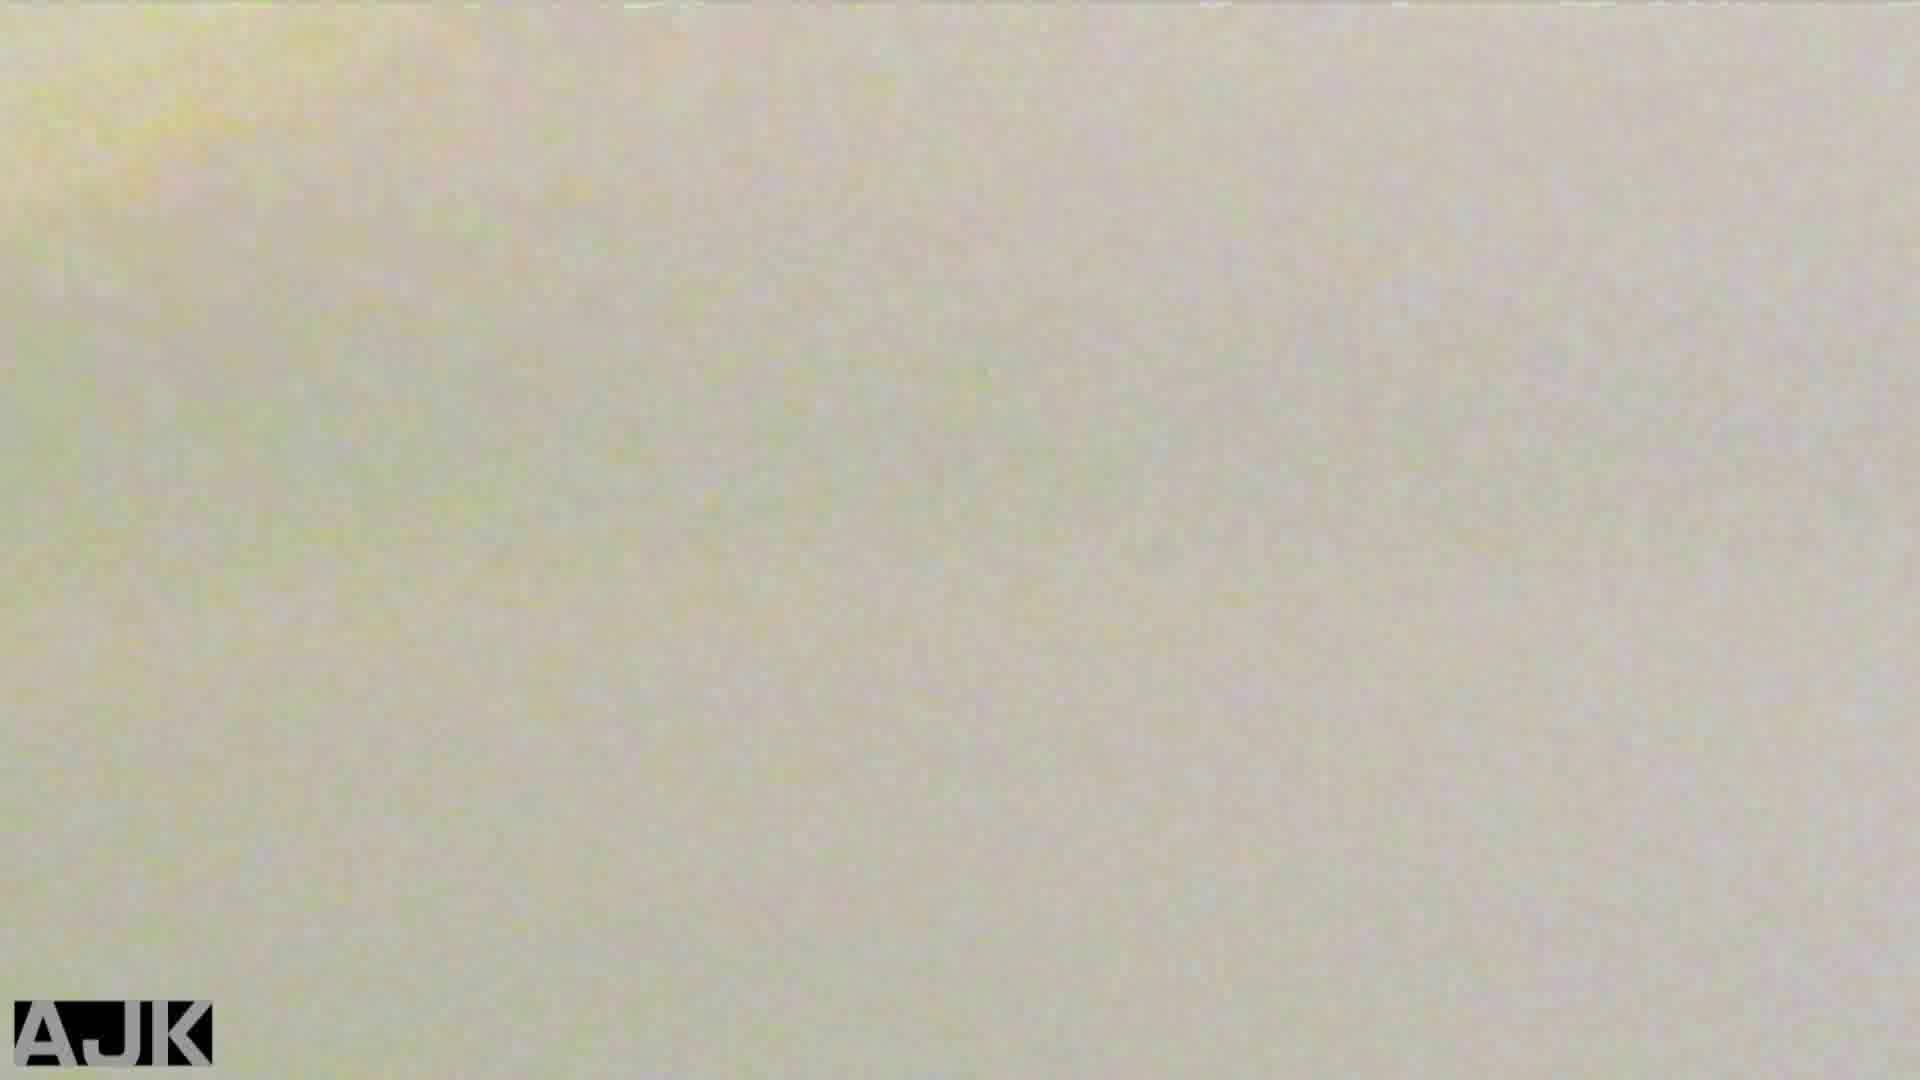 隣国上階級エリアの令嬢たちが集うデパートお手洗い Vol.19 オマンコ  89PIX 34